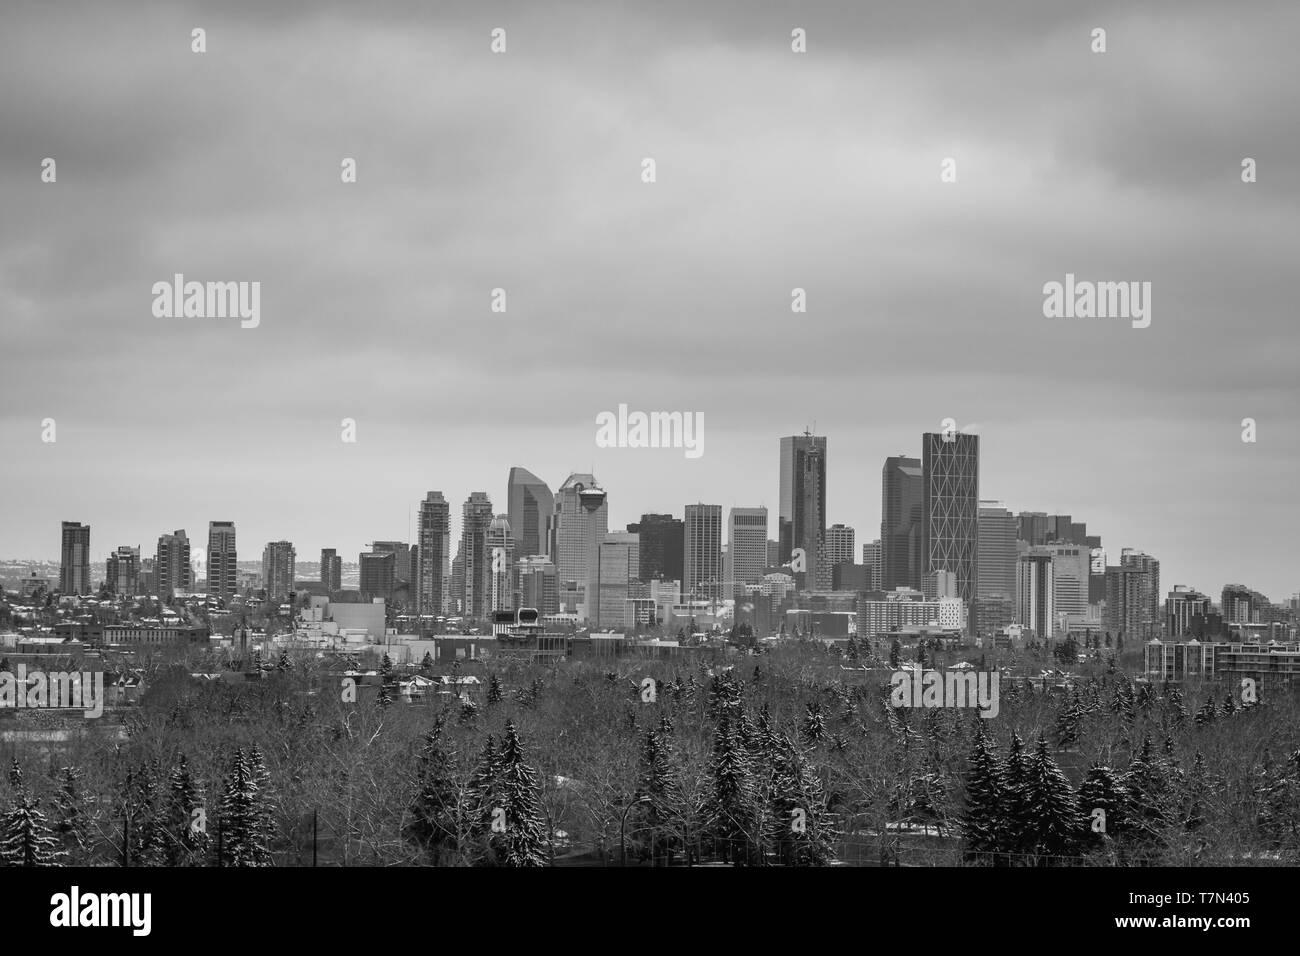 Quartier des affaires de Calgary monochrome skyline Banque D'Images